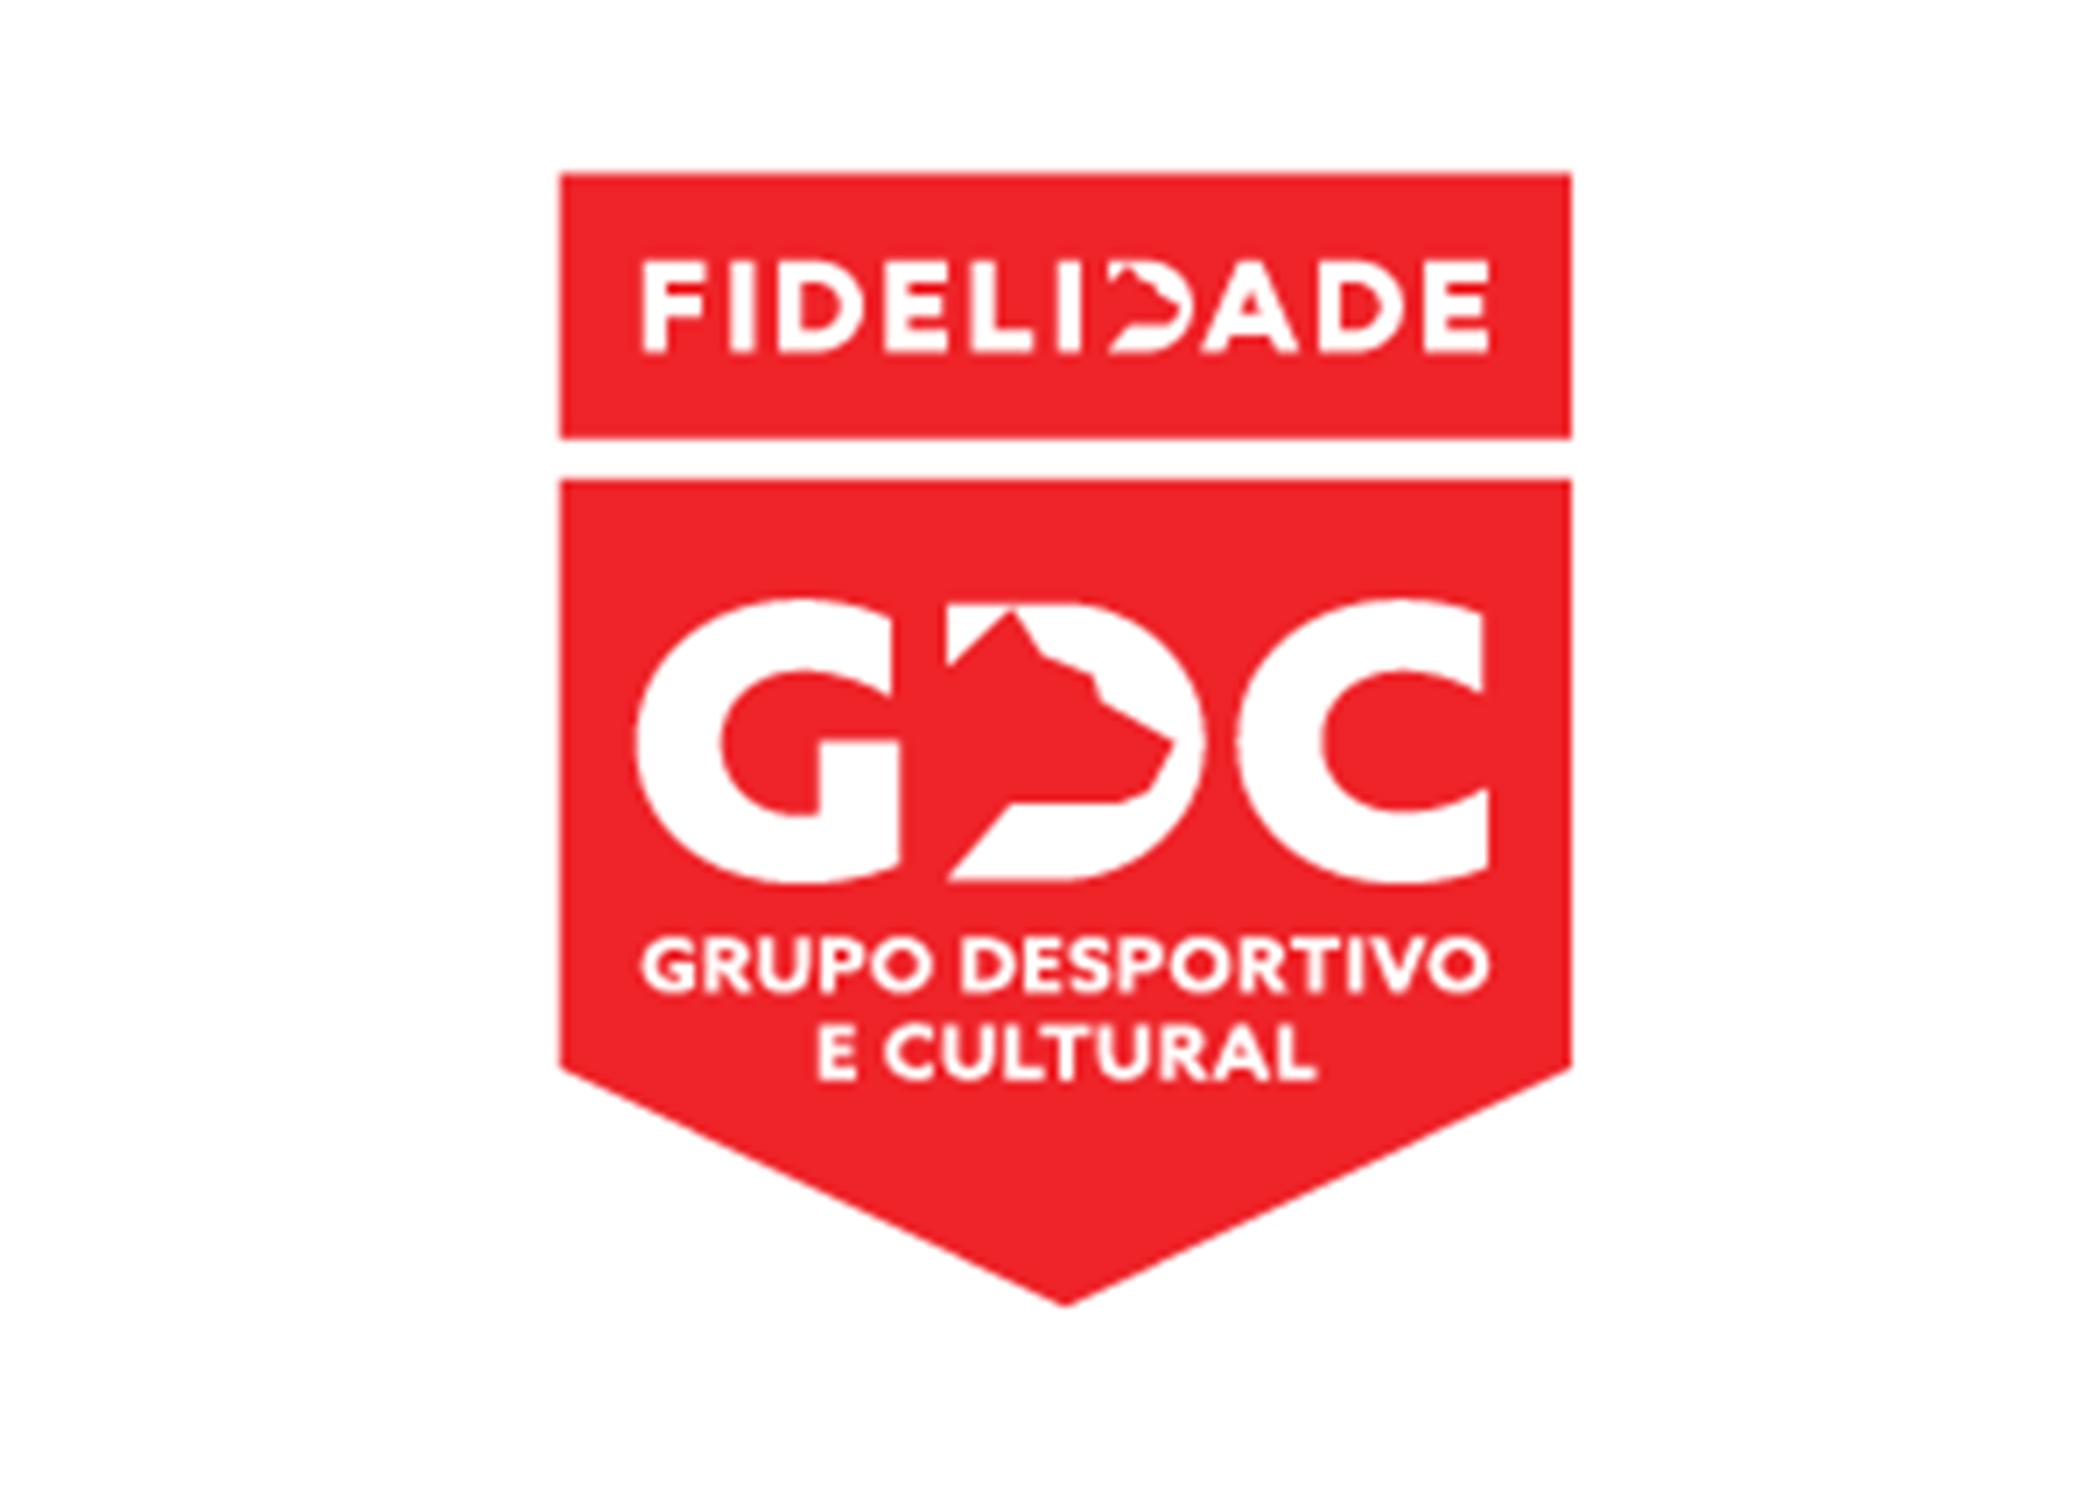 Grupo Desportivo e Cultural Fidelidade